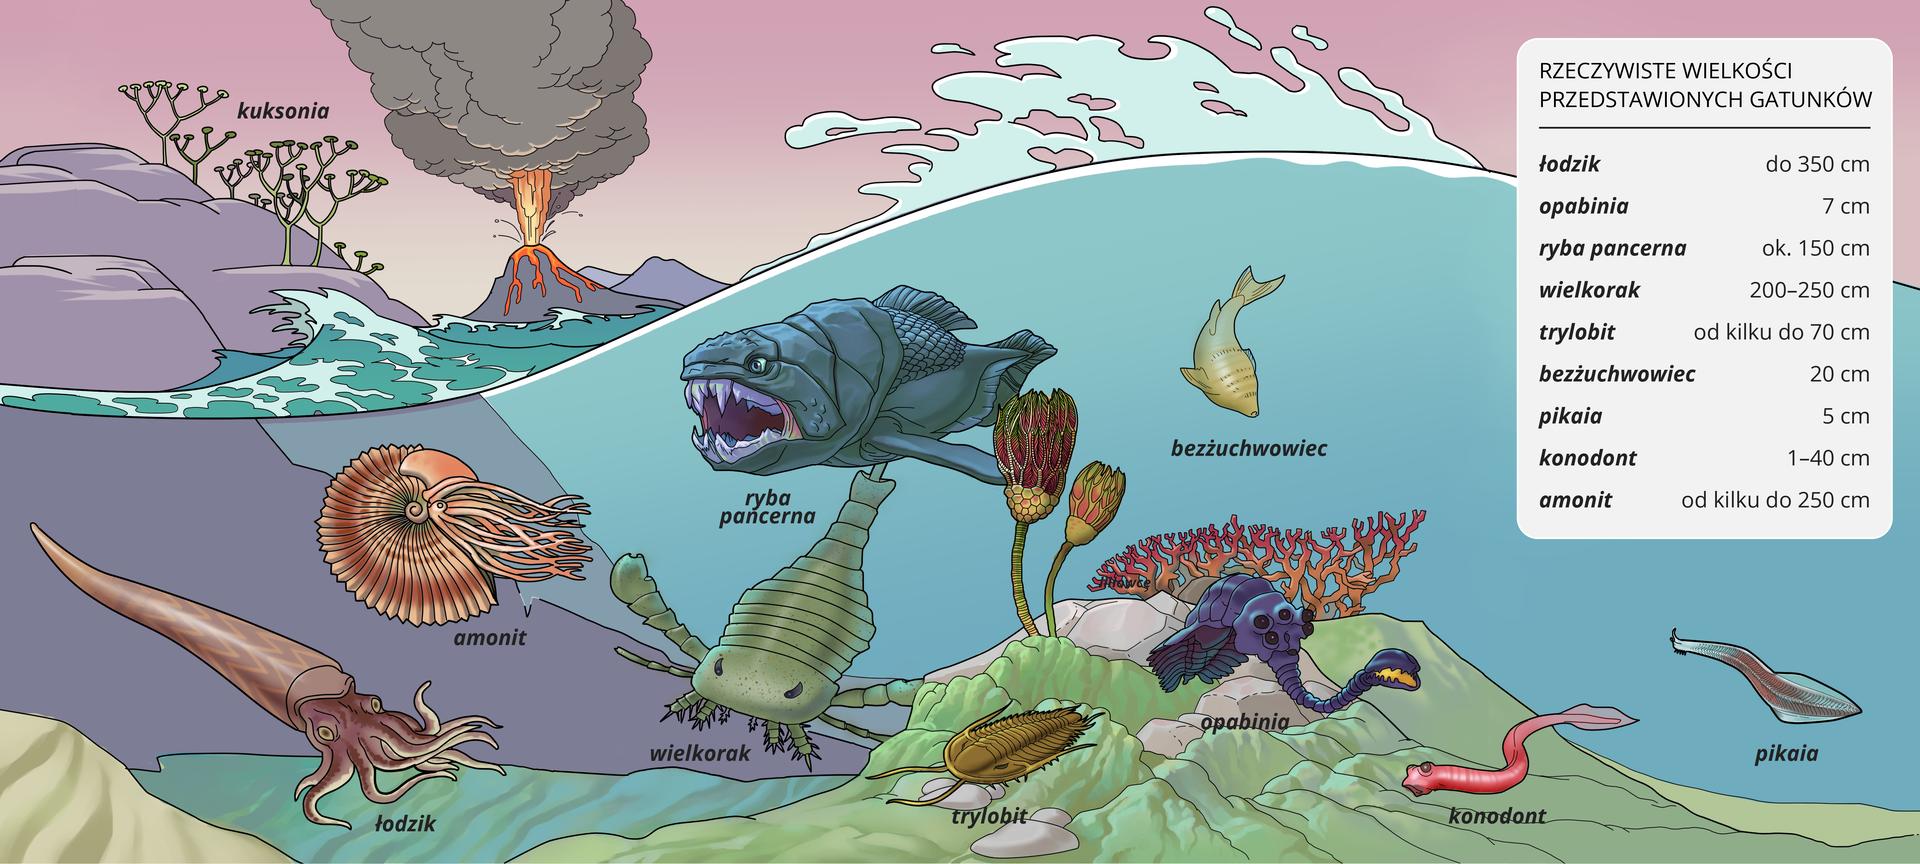 Era zwierząt wodnych